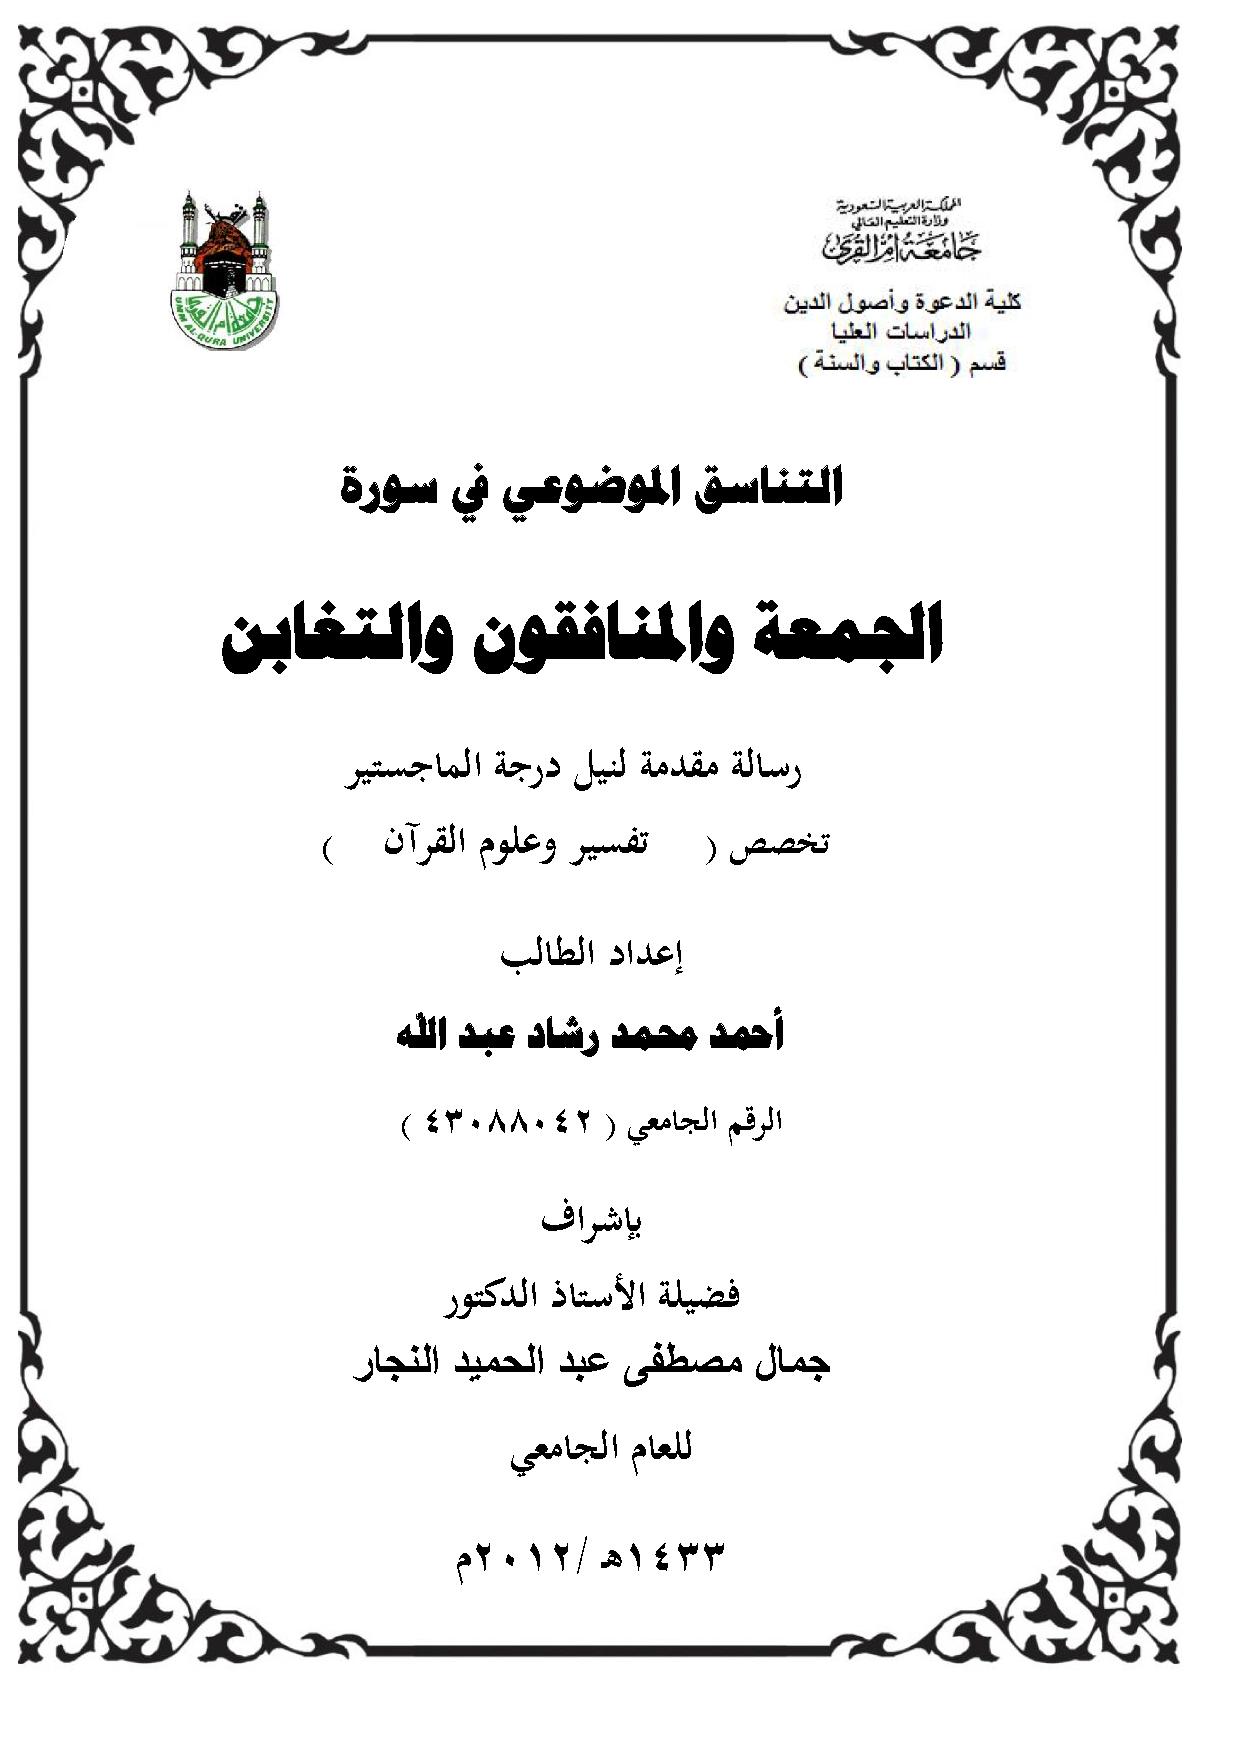 تحميل كتاب التناسق الموضوعي في سورة الجمعة والمنافقون والتغابن لـِ: أحمد محمد رشاد عبد الله